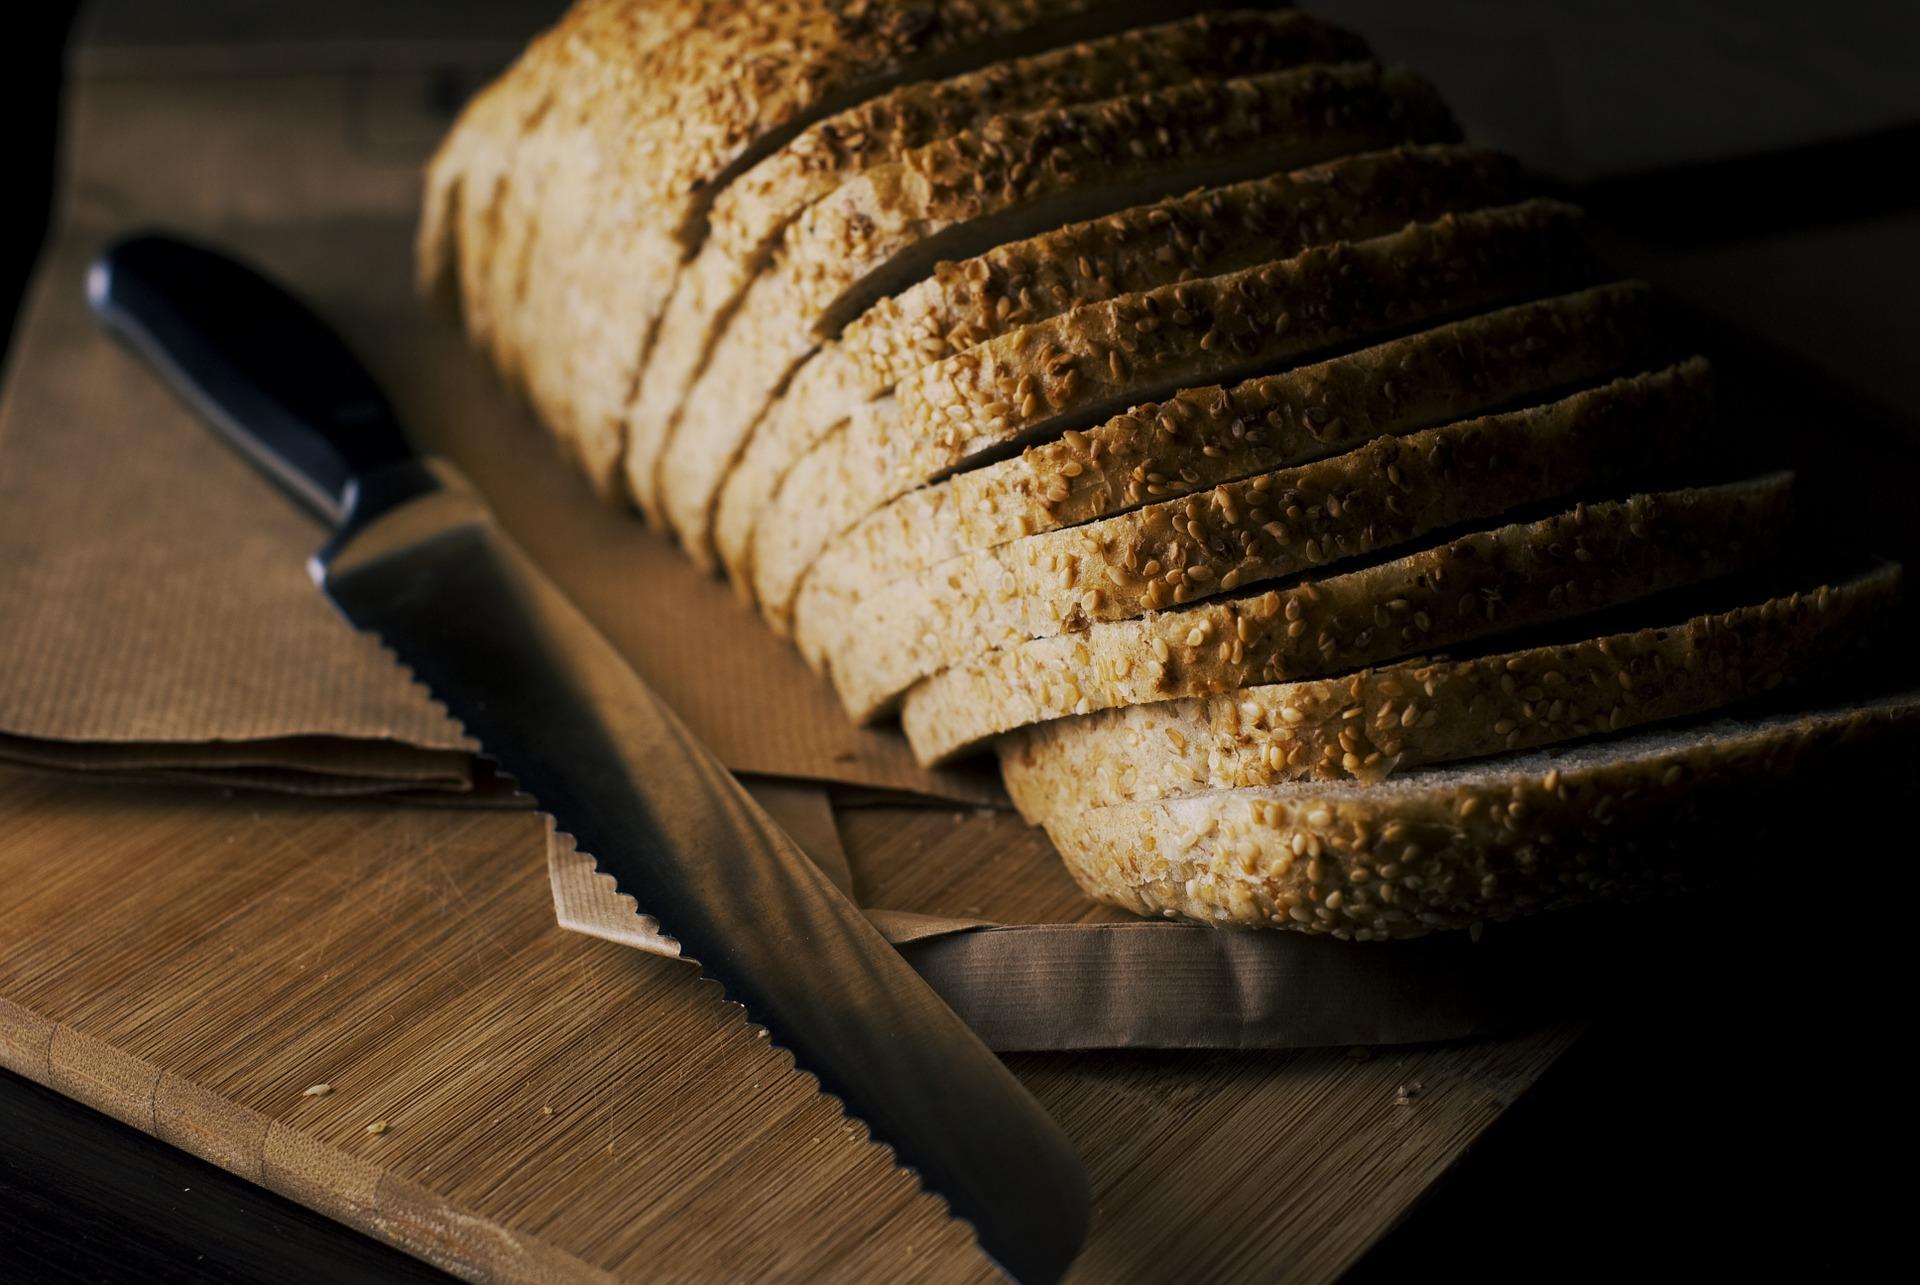 bread-933228_1920.jpg